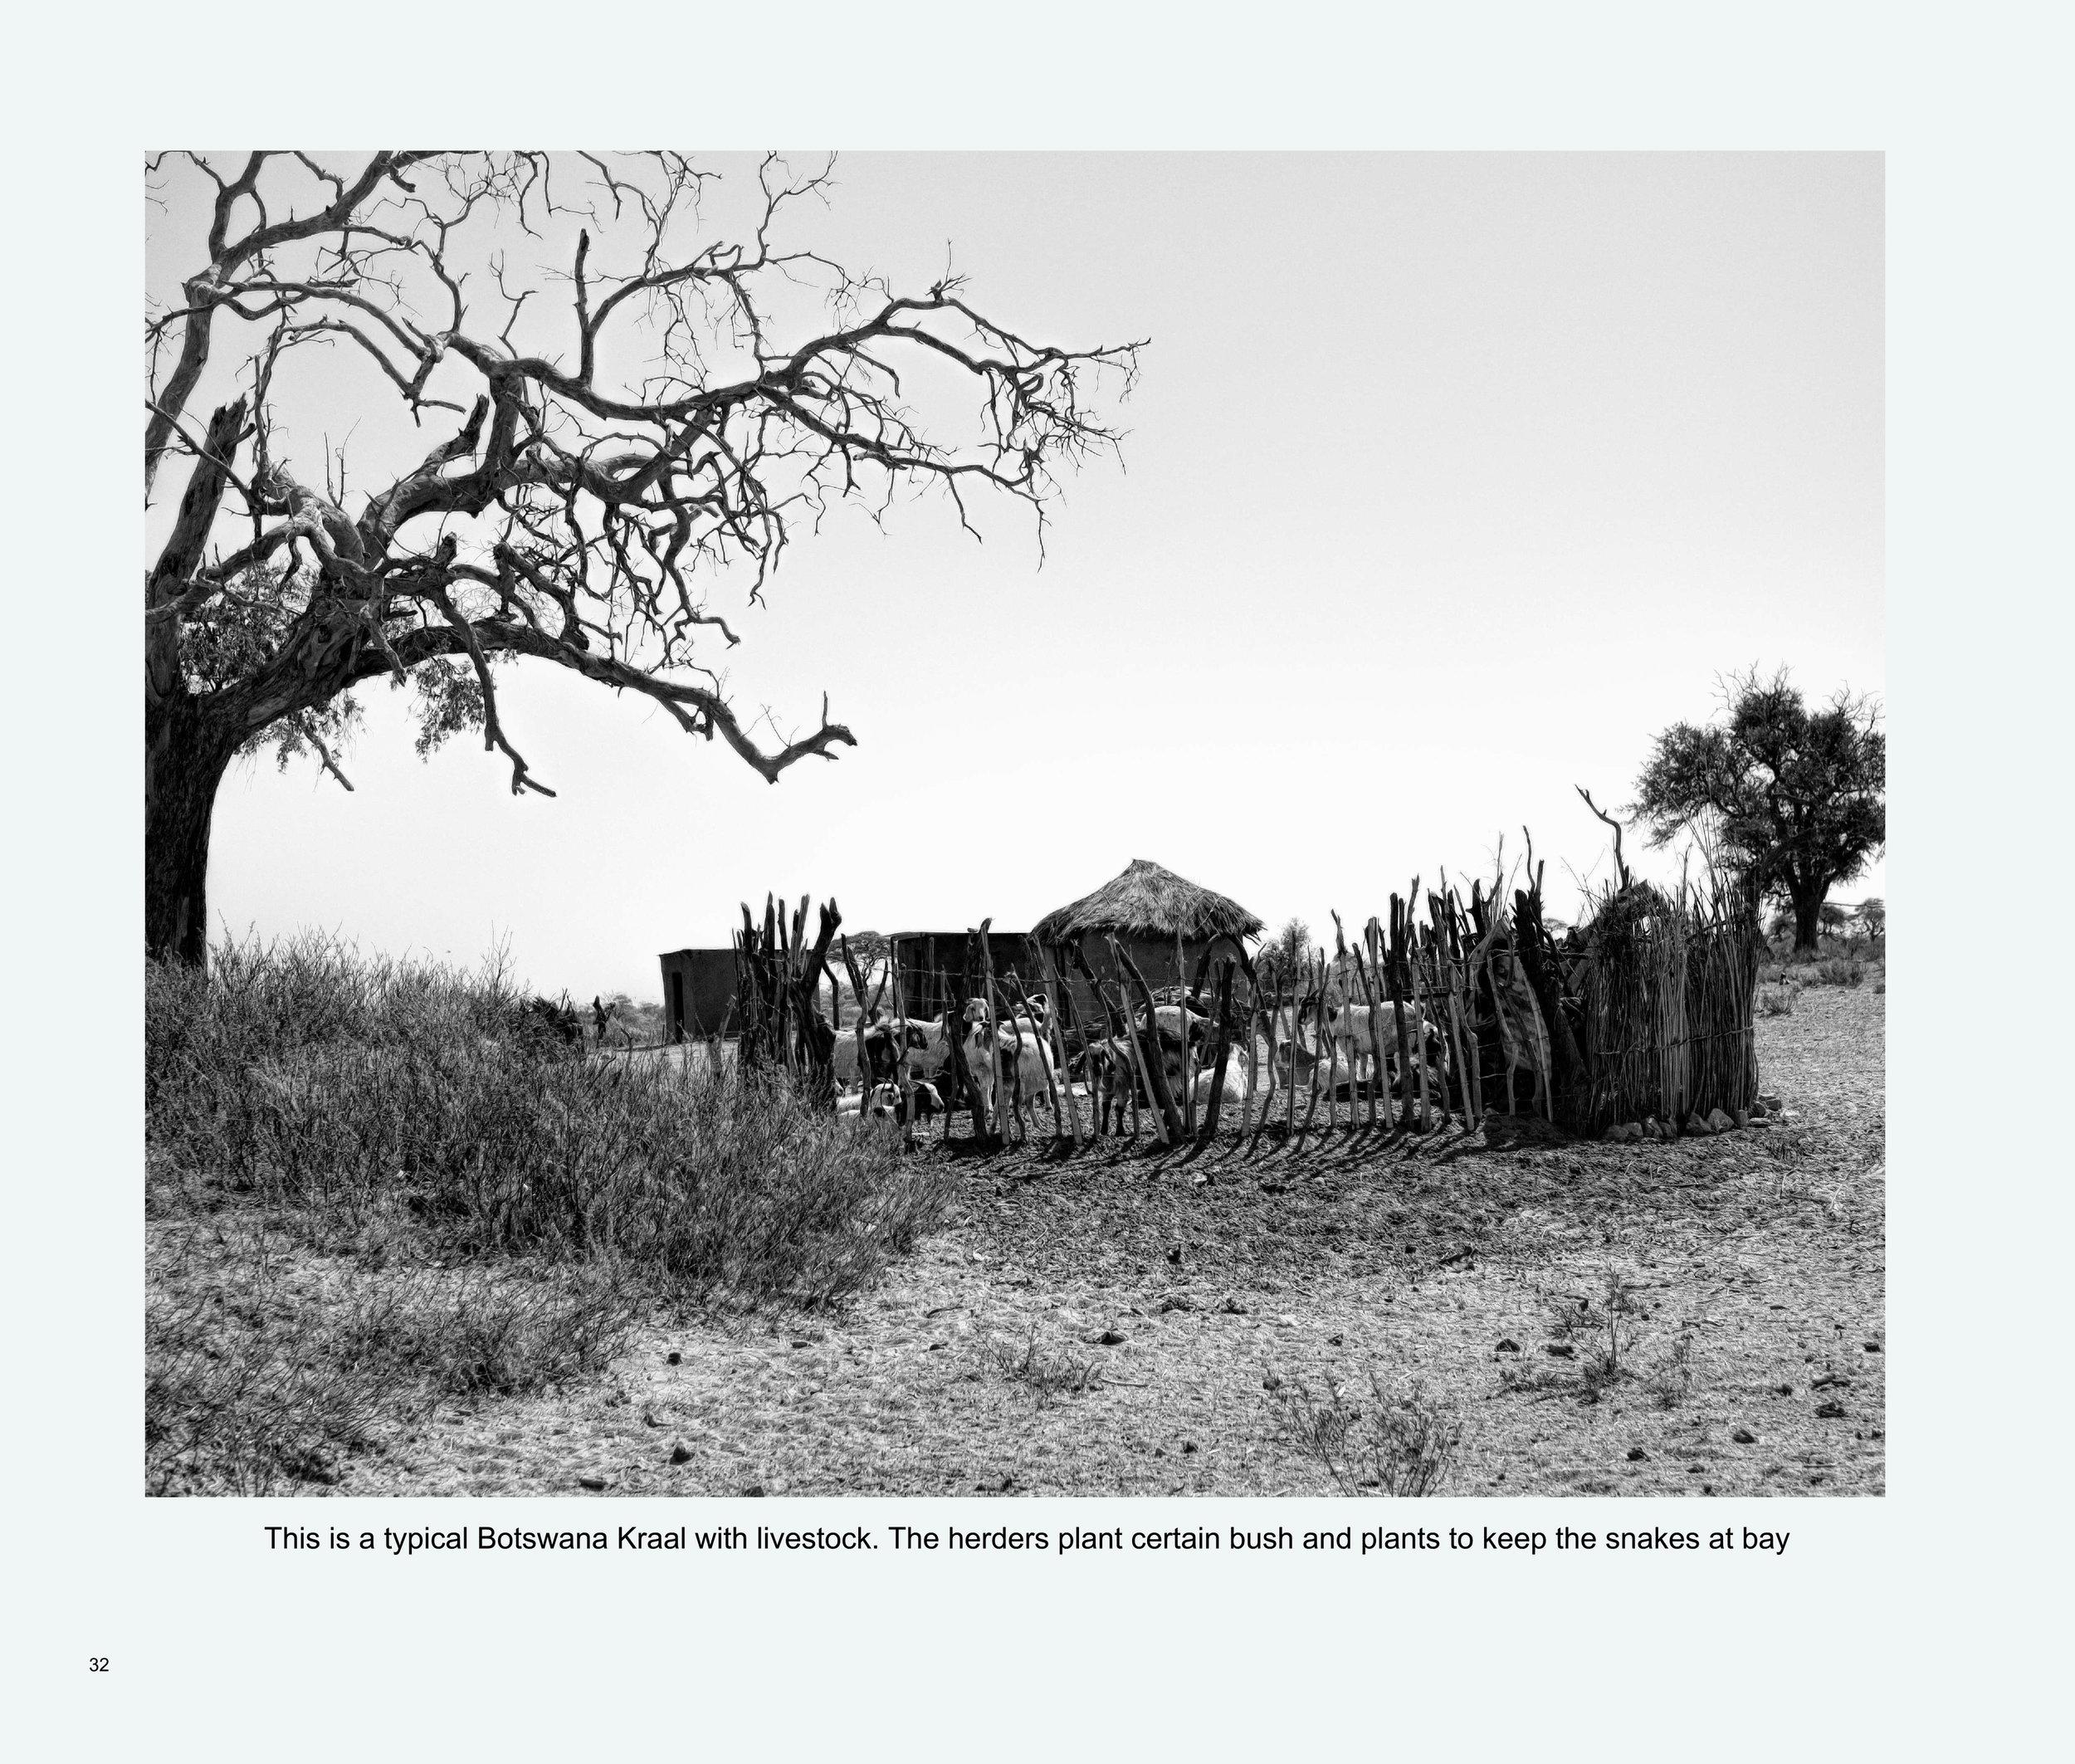 ImagesASouthernAfricaRoadTrip-34.jpg